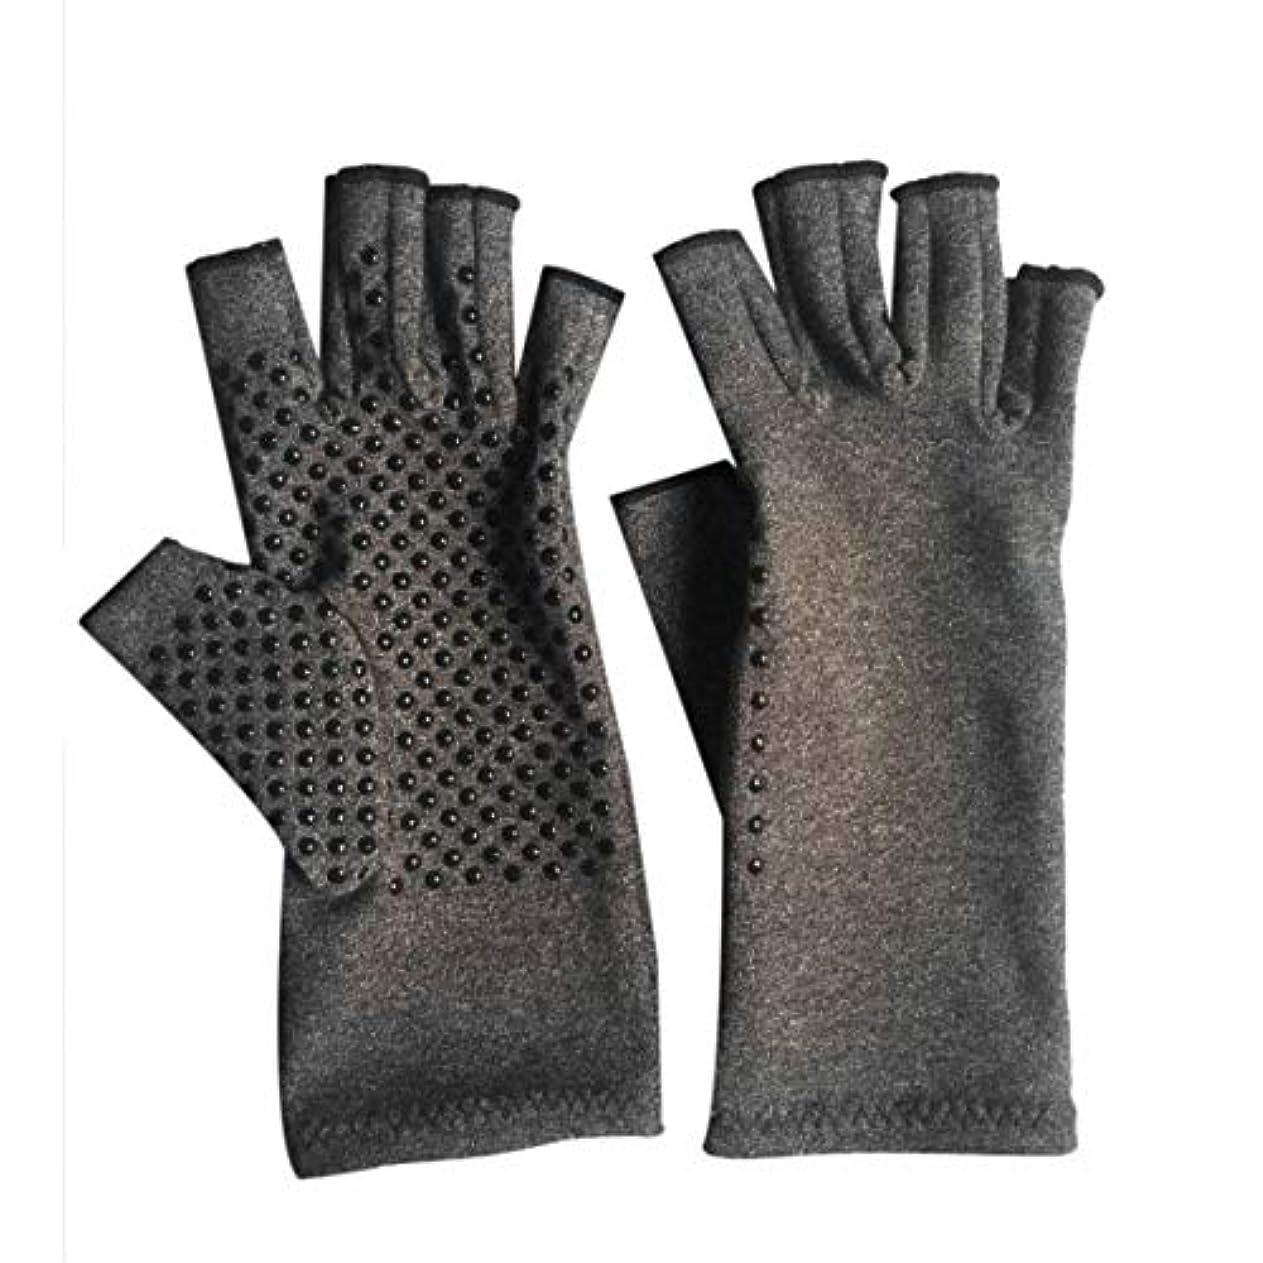 程度リファイン多年生1ペアユニセックス男性女性療法圧縮手袋関節炎関節痛緩和ヘルスケア半指手袋トレーニング手袋 - グレーM